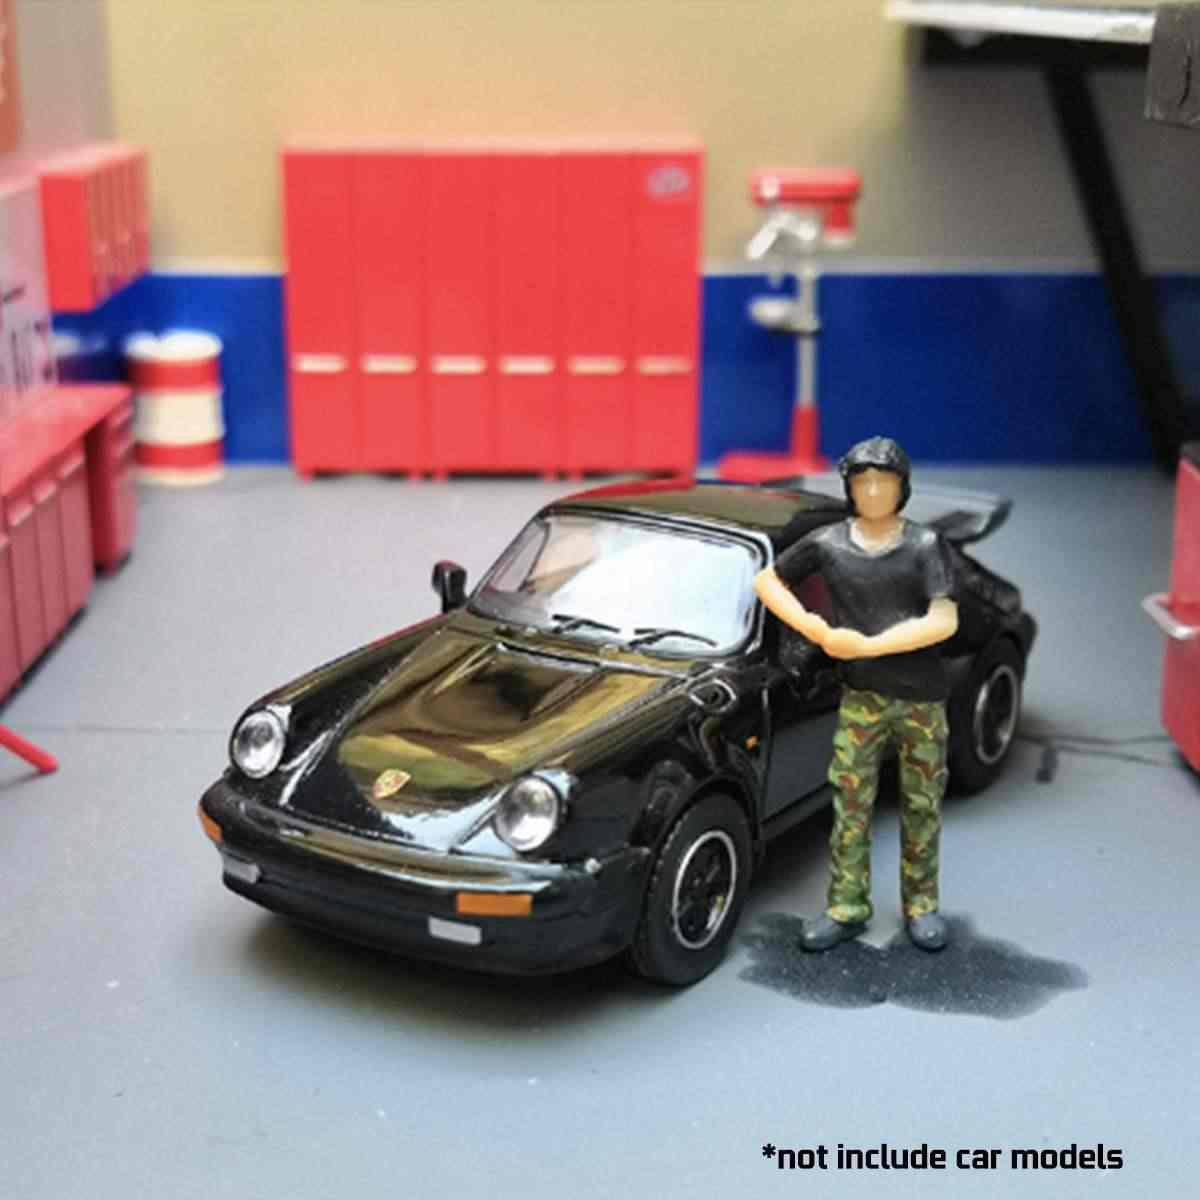 1: 64 Skala Model Kota Mobil Pria Perbaikan Gambar Model Skenario untuk Race Medali Kotak Korek Api Chirldren Mainan Group Mode Orang